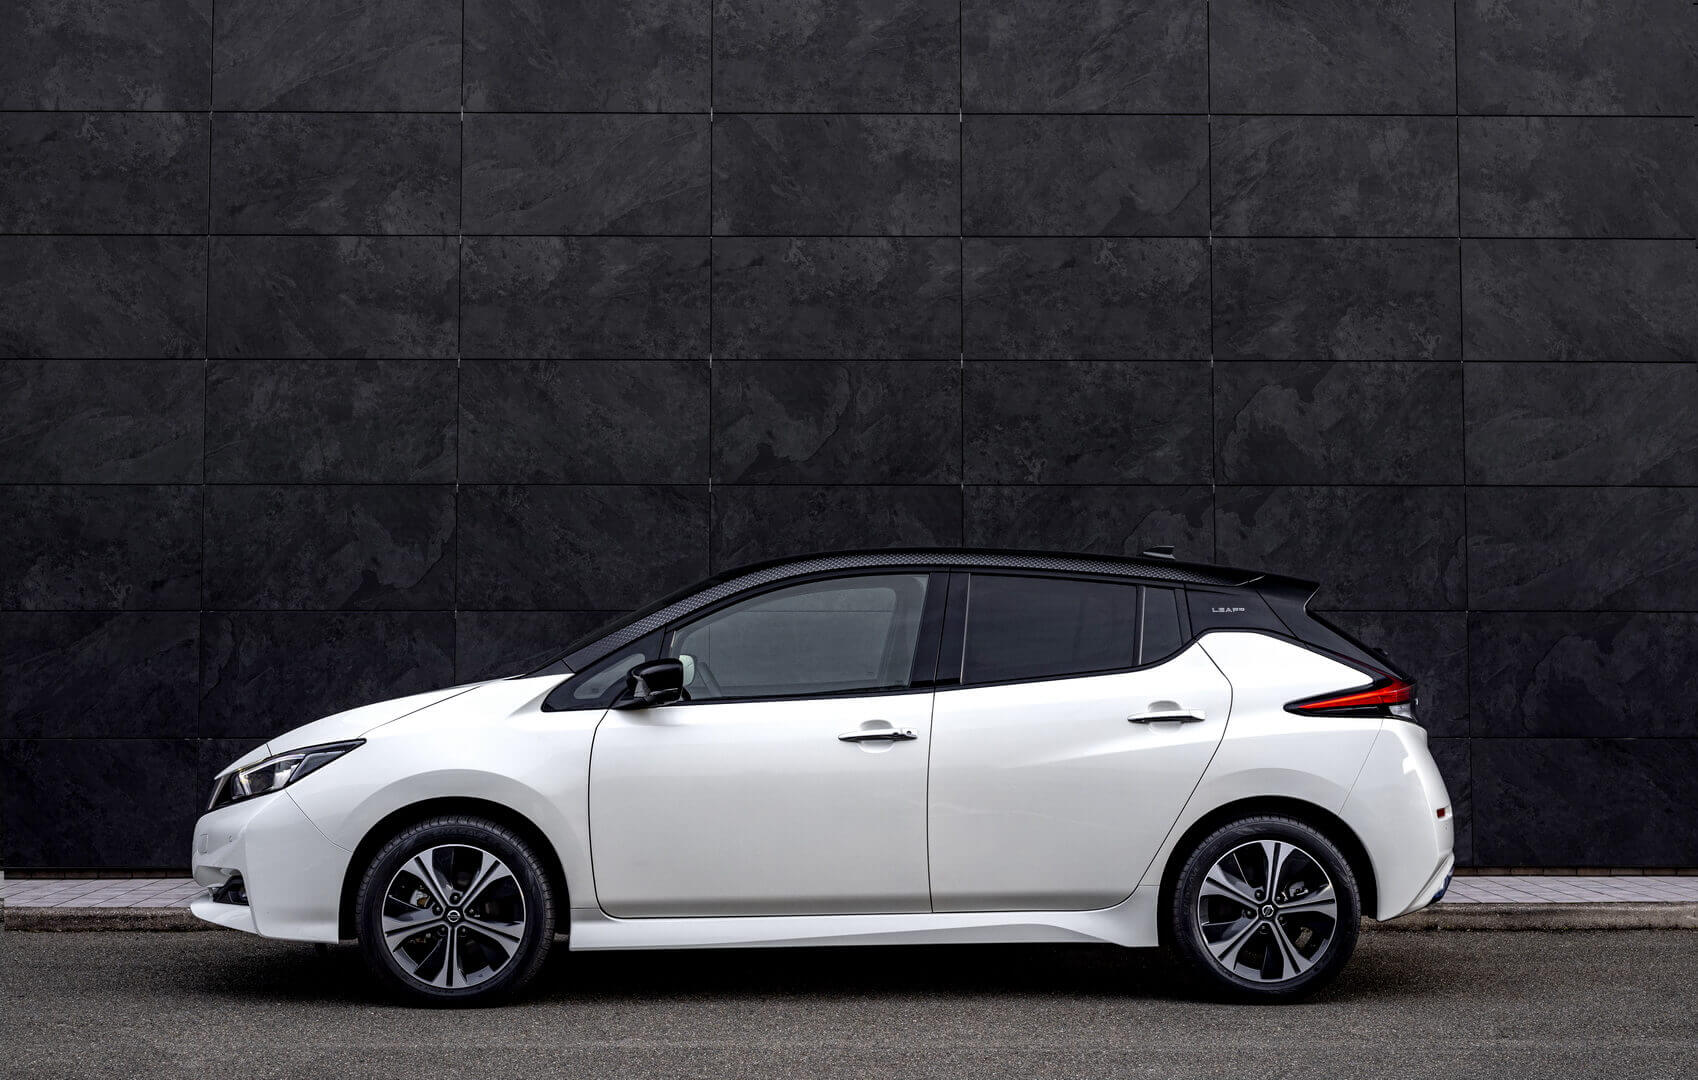 Юбилейный Nissan Leaf10 напомнил об успехе модели